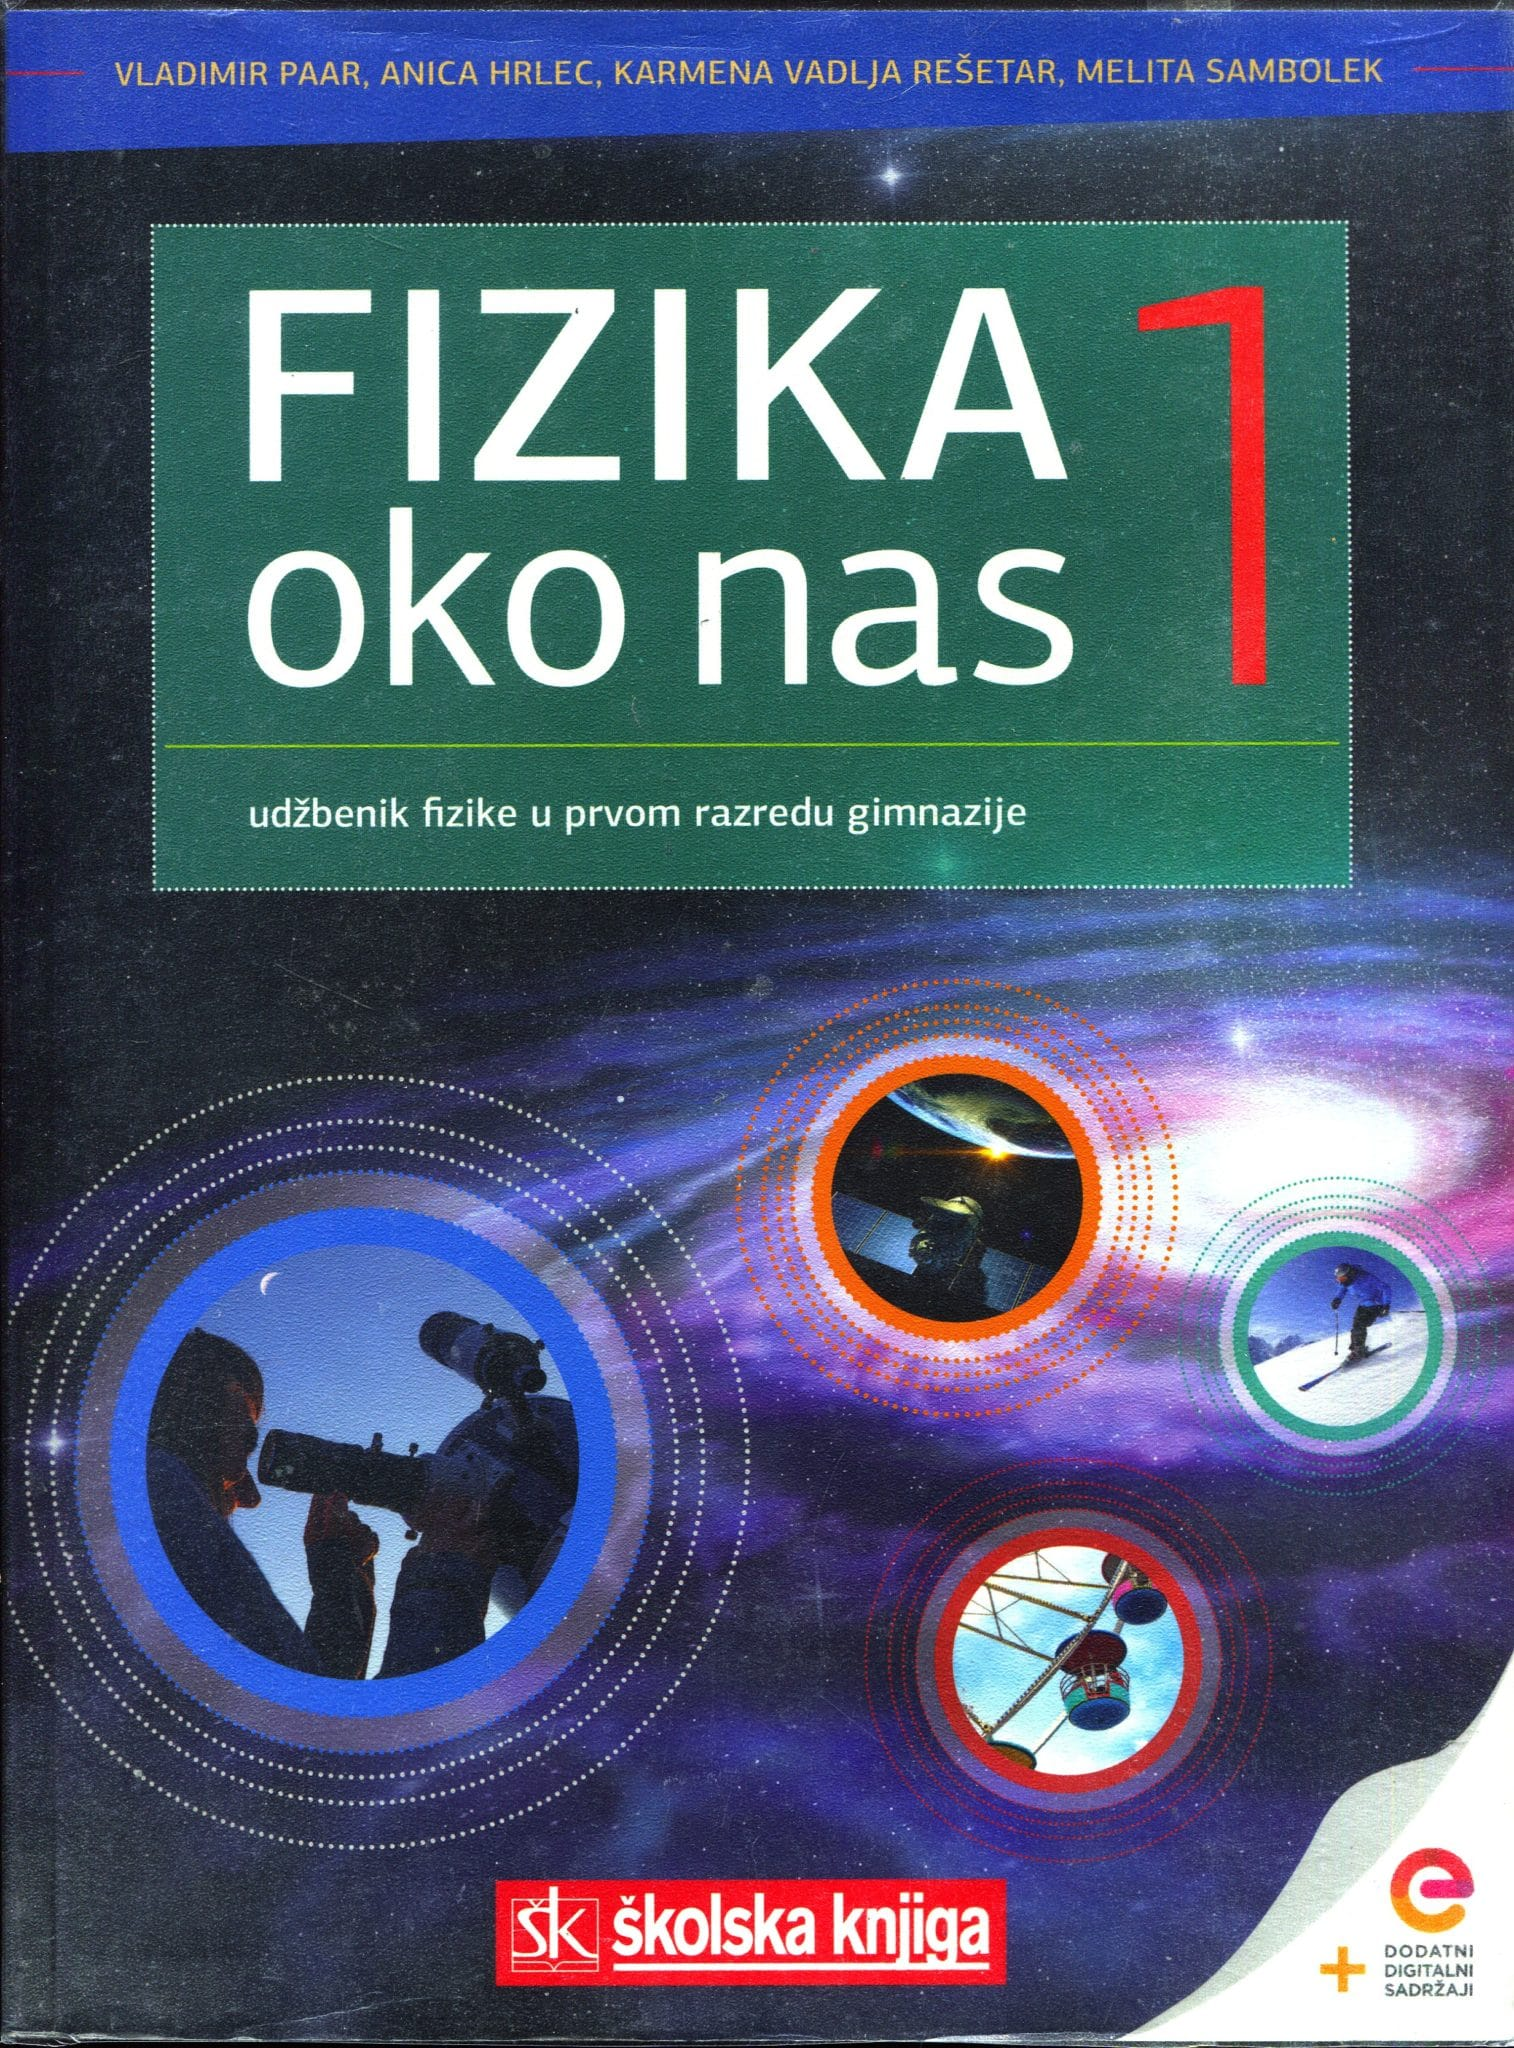 FIZIKA OKO NAS 1 : udžbenik fizike s dodatnim digitalnim sadržajima u prvom razredu gimnazija autora Vladimir Paar, Anica Hrlec, Melita Sambolek, Karmena Vadlja Rešeta